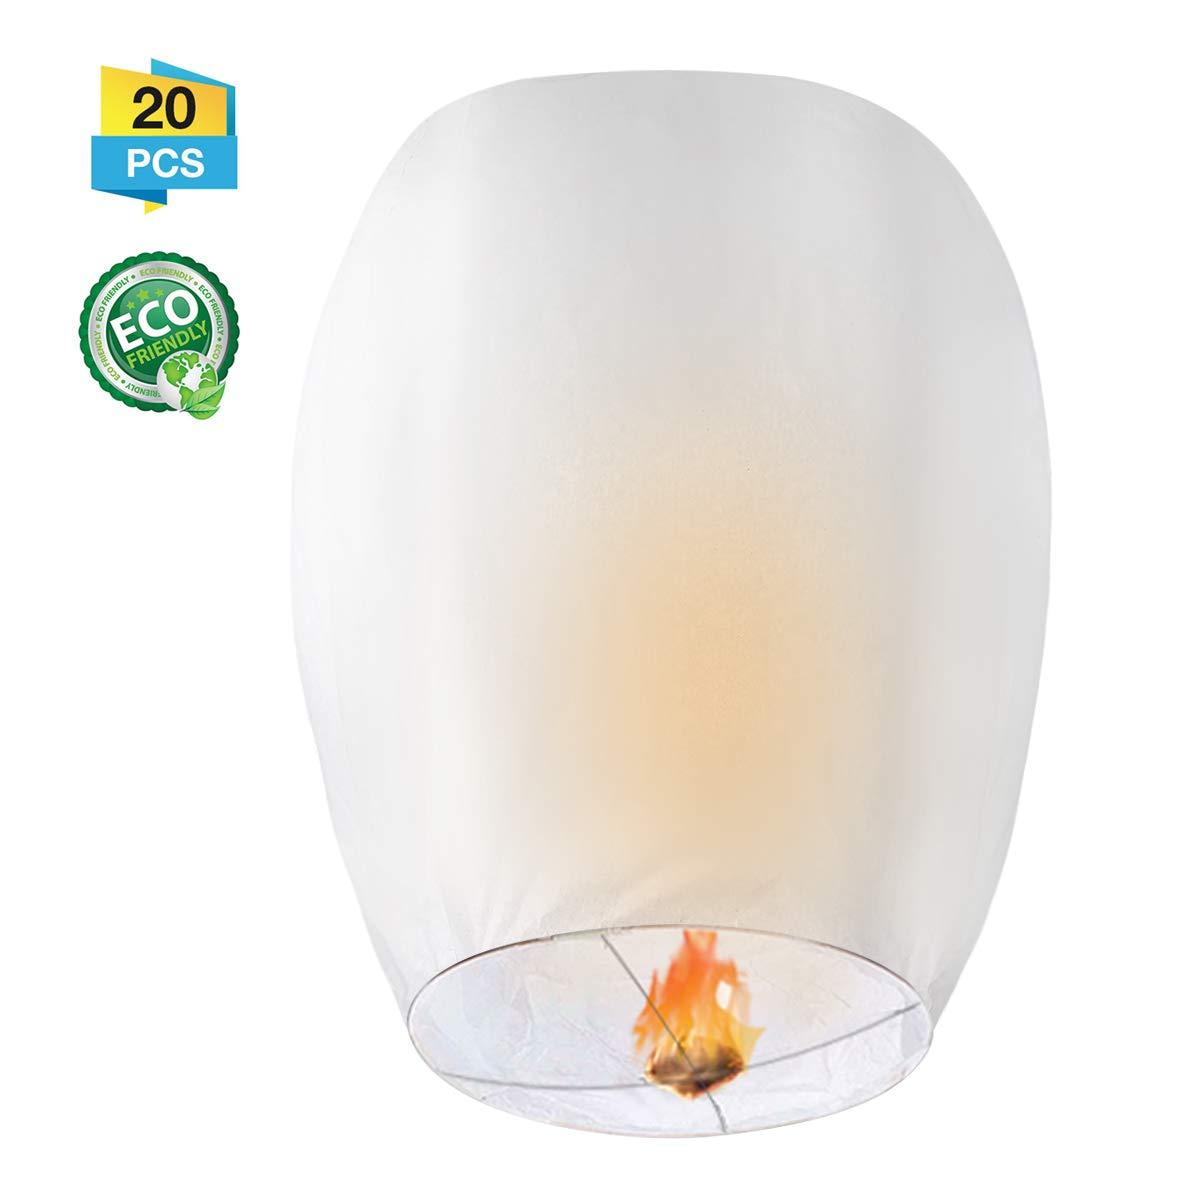 LIUMY Chinese Lanterns Pack Paper